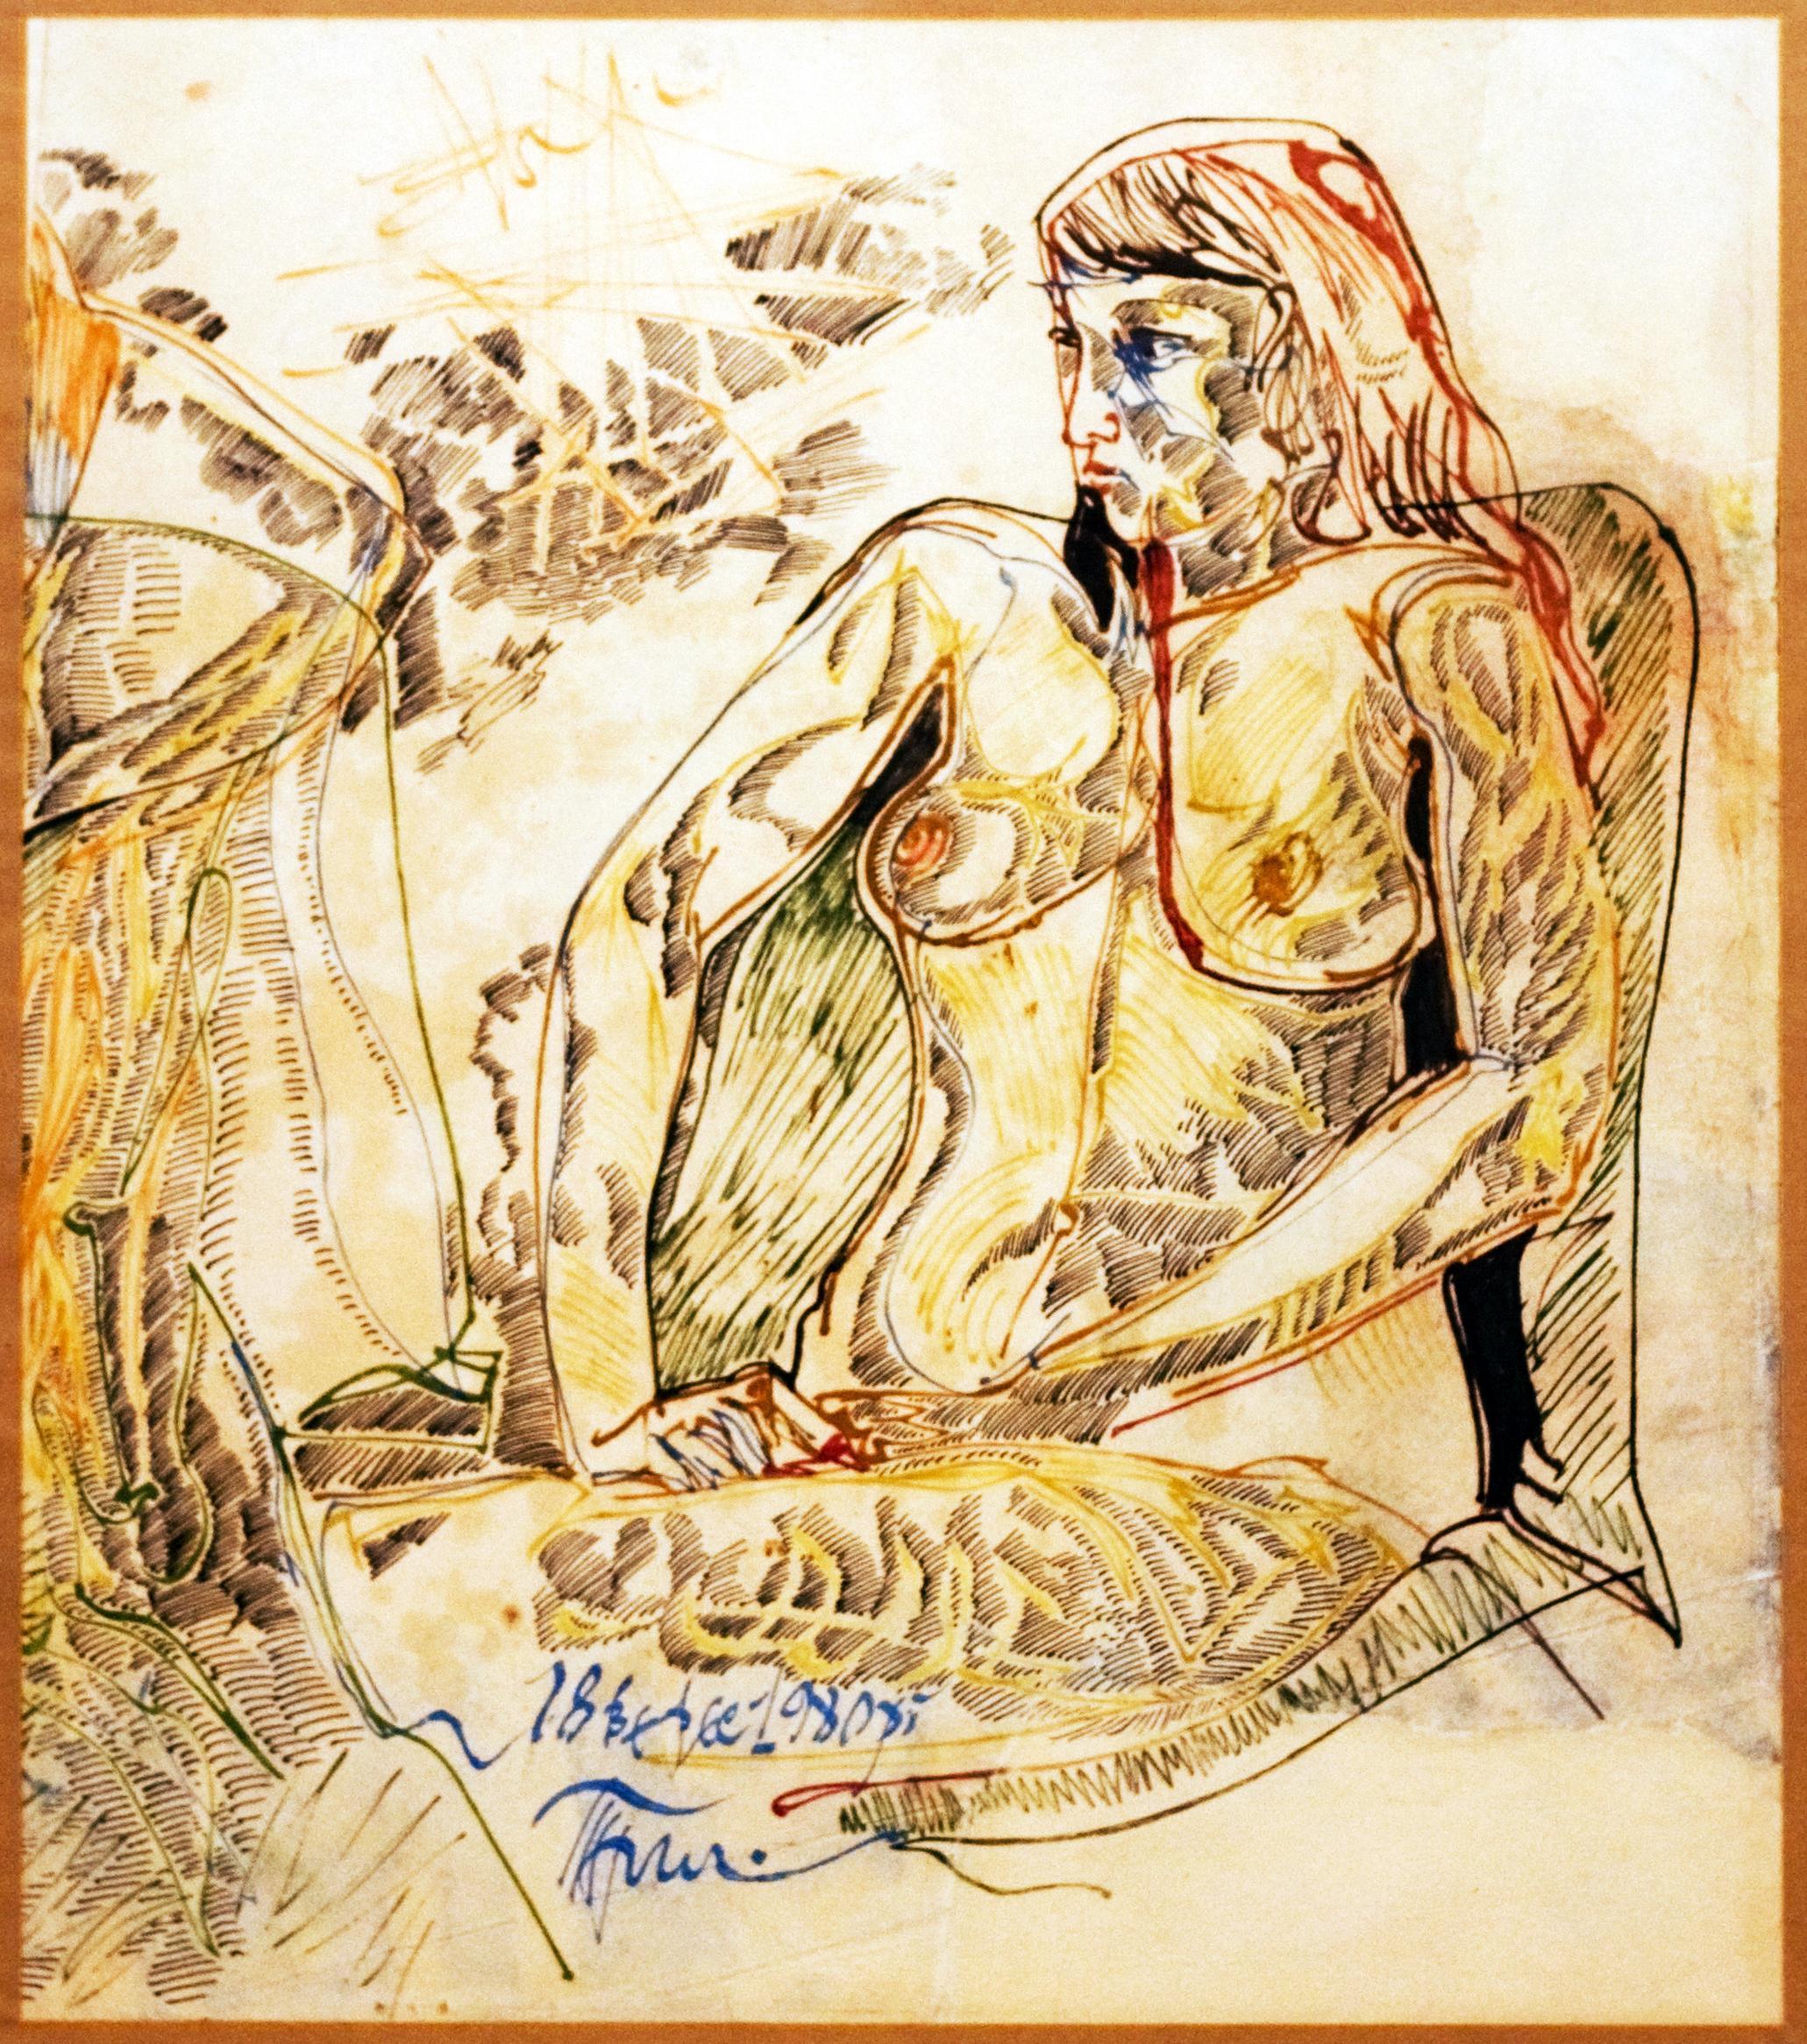 К 75-летию Николая Тригуба: националист, который не изменил своему дару художника